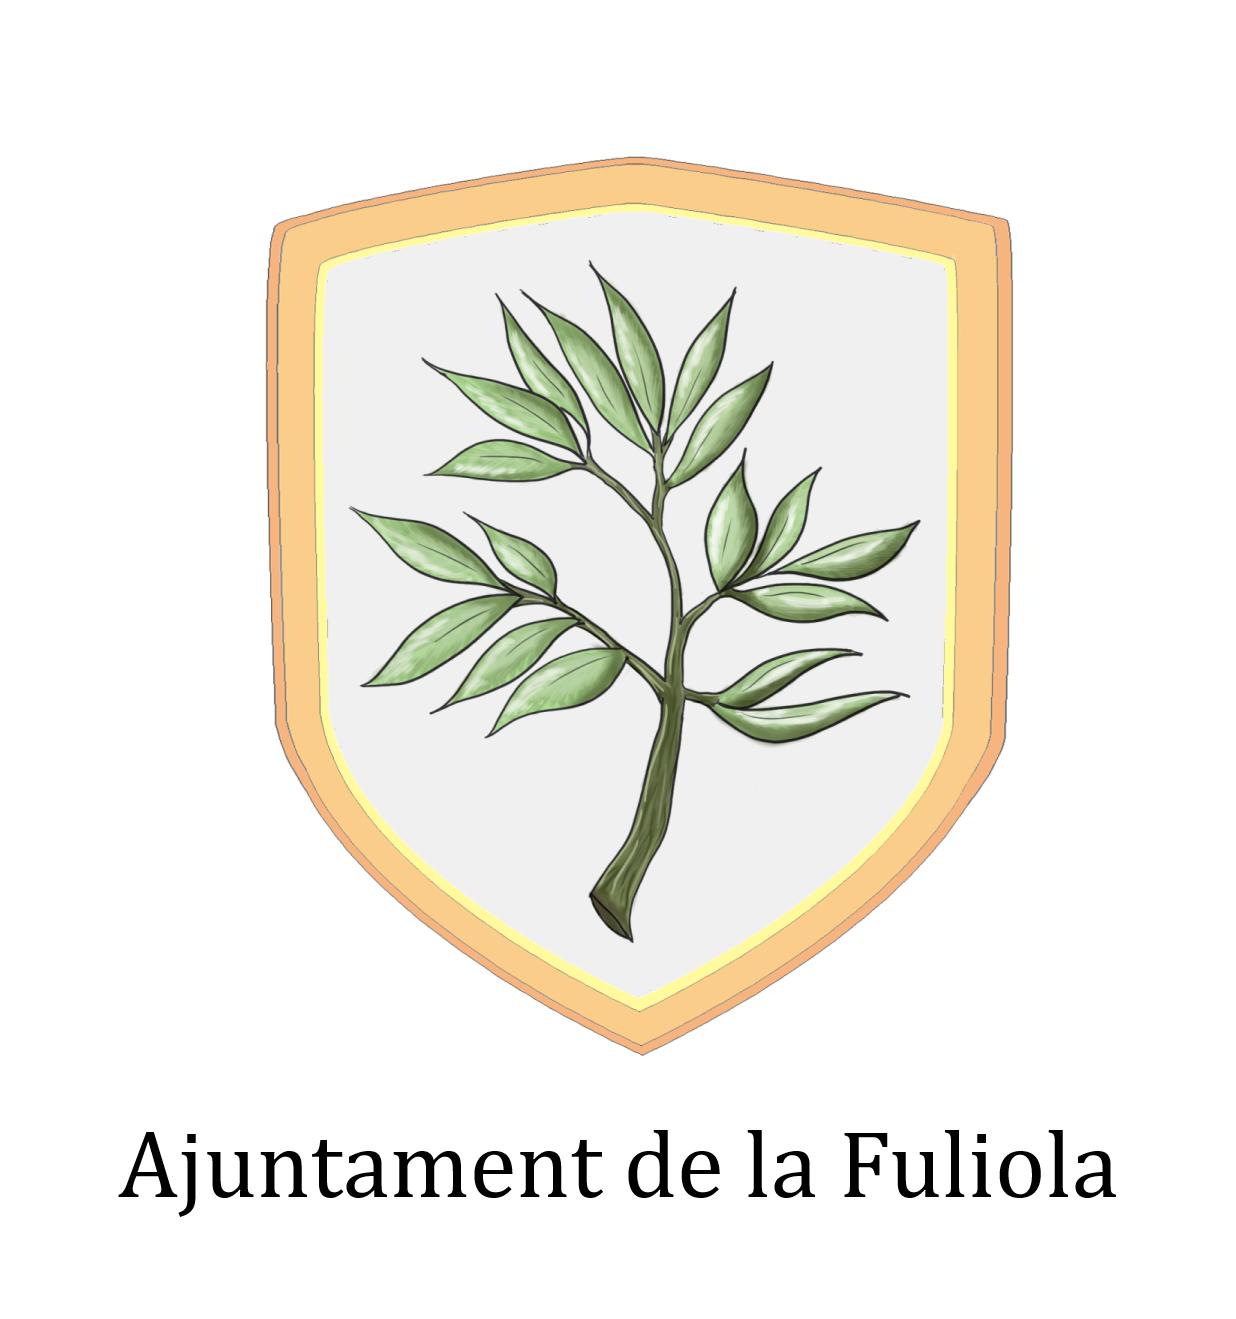 Escut Ajuntament de la Fuliola